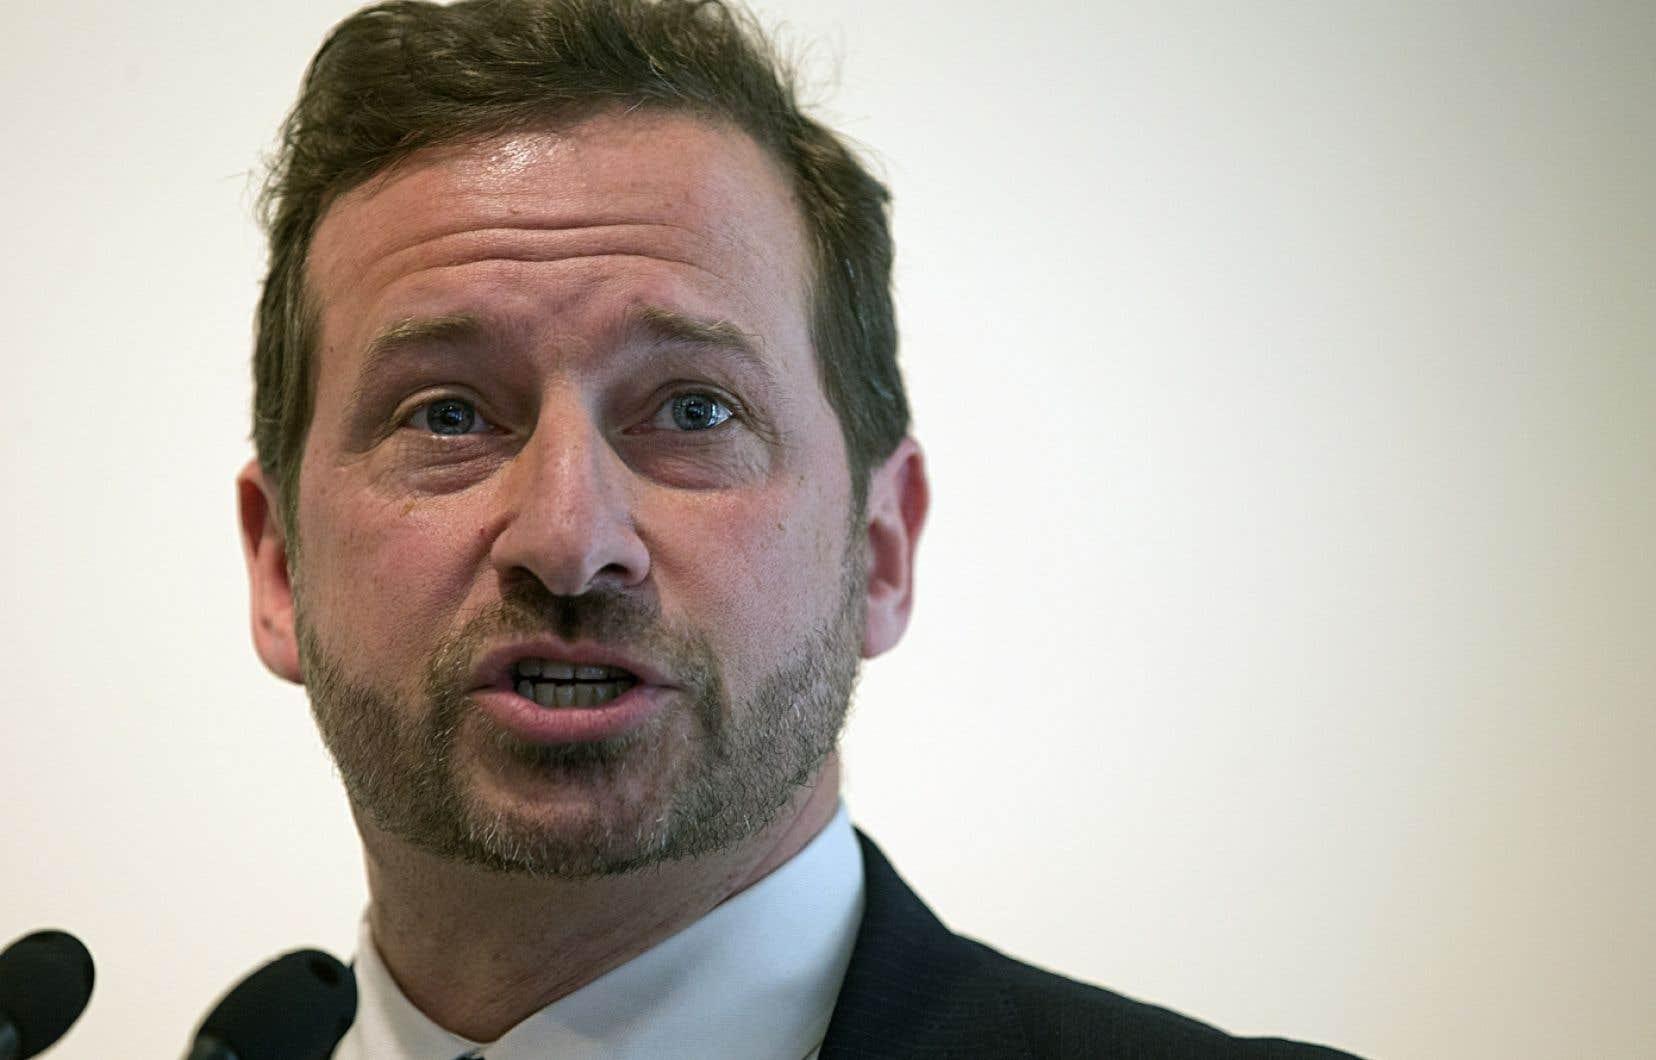 Le ministre Blanchet a affirmé récemment au Devoir que le gouvernement comptait permettre aux pétrolières de mener des travaux d'exploration sur l'île d'Anticosti, incluant des opérations de fracturation.